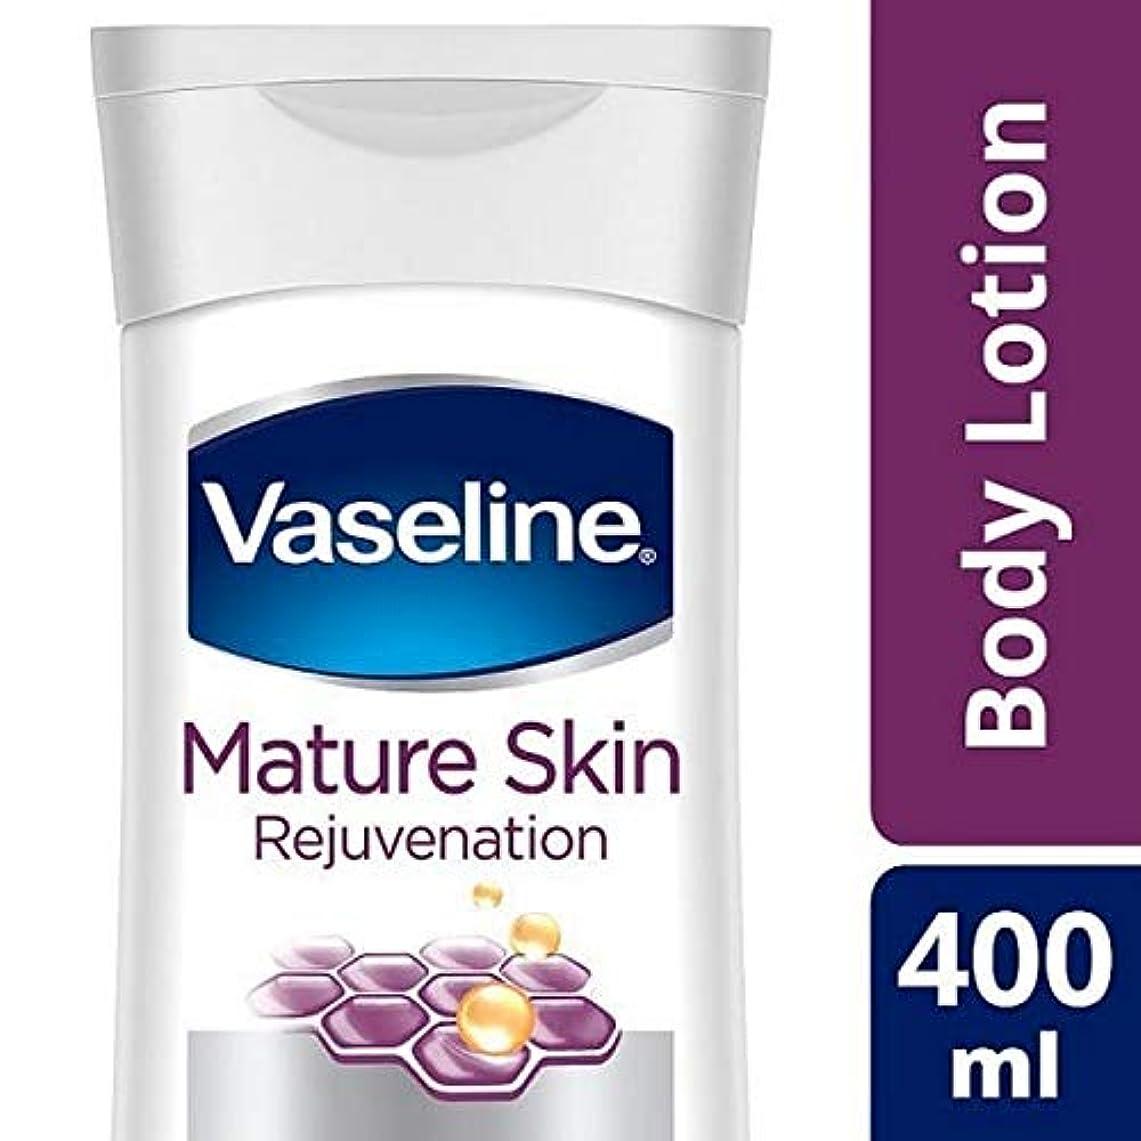 誰でもラッドヤードキップリング終了する[Vaseline ] 成熟した肌のための400ミリリットルワセリン集中治療ボディローション - Vaseline Intensive Care Body Lotion for Mature Skin 400ml [並行輸入品]